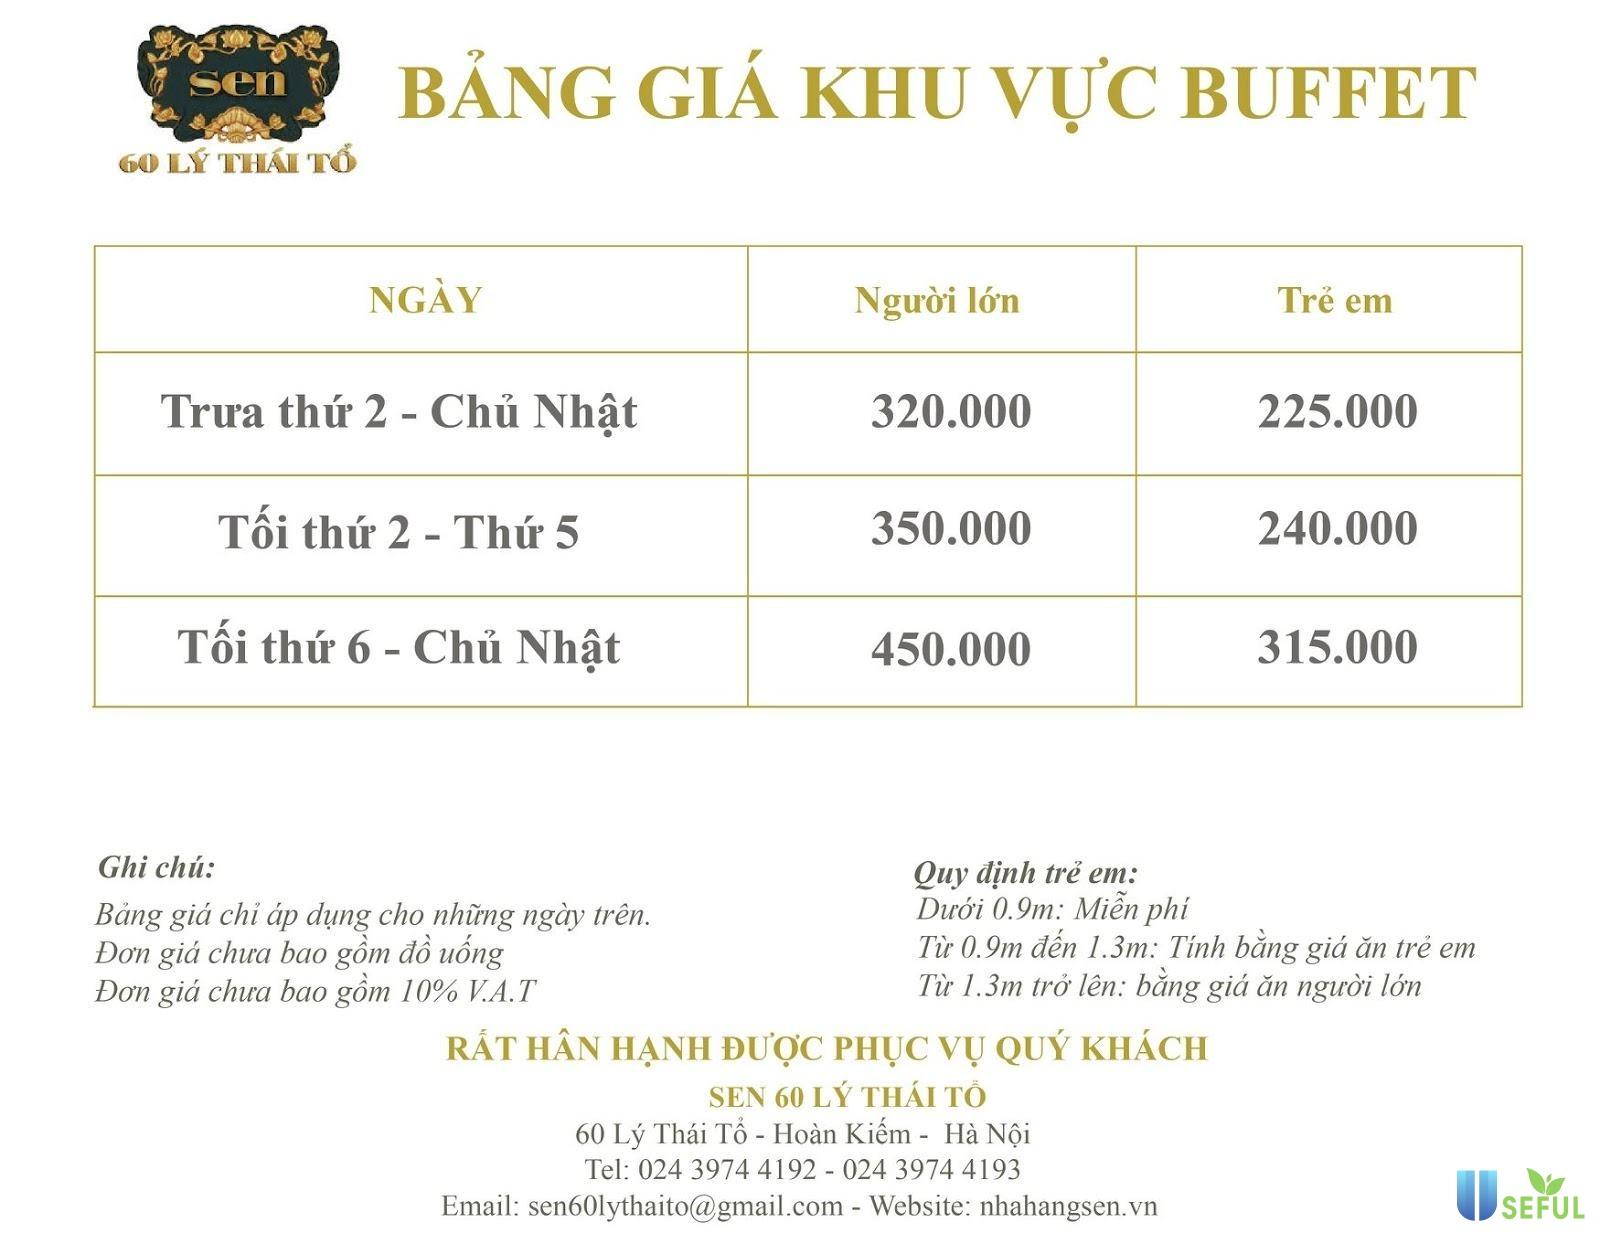 Bảng giá buffet Sen Lý Thái Tổ cho các thực khách